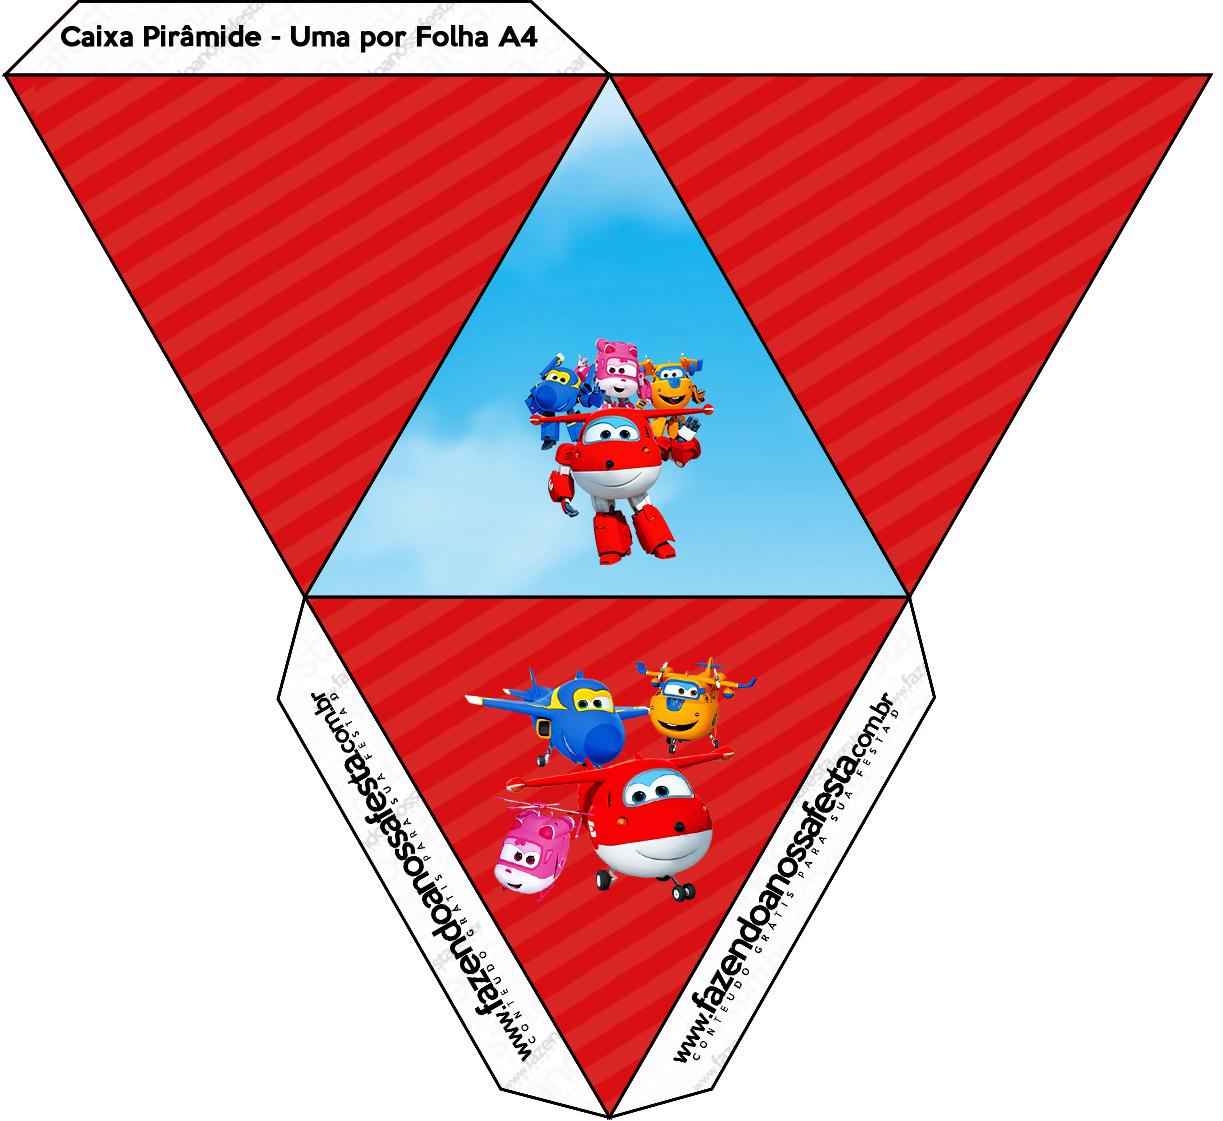 Caixa Pirâmide Super Wings